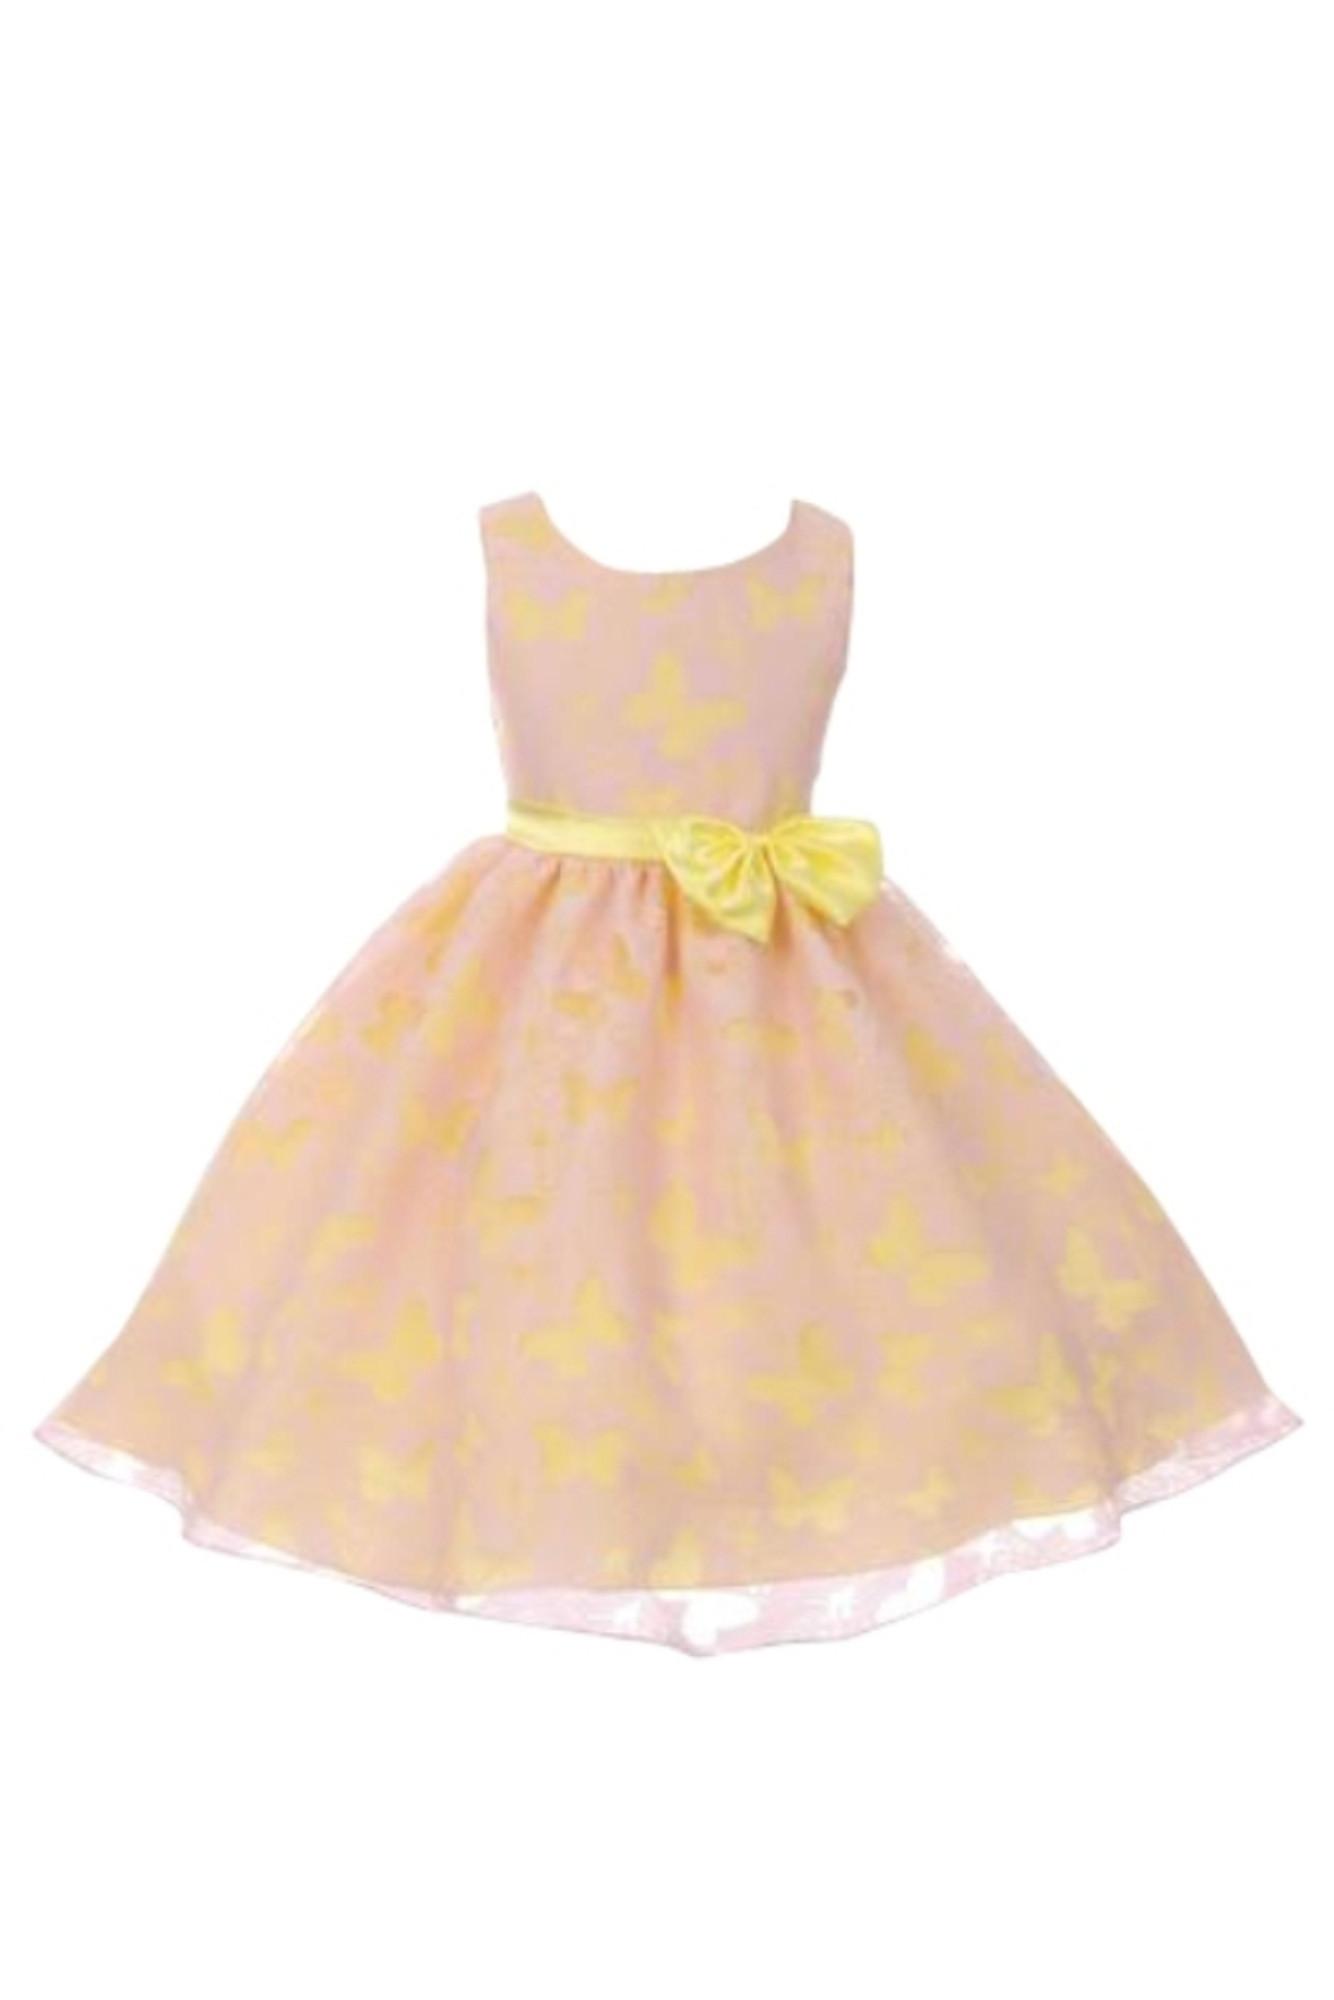 BIMARO Mädchen Kleid Romy rosa gelb festlich Schmetterlinge Festkleid Organza Satin Taufe Hochzeit Blumenmädchen